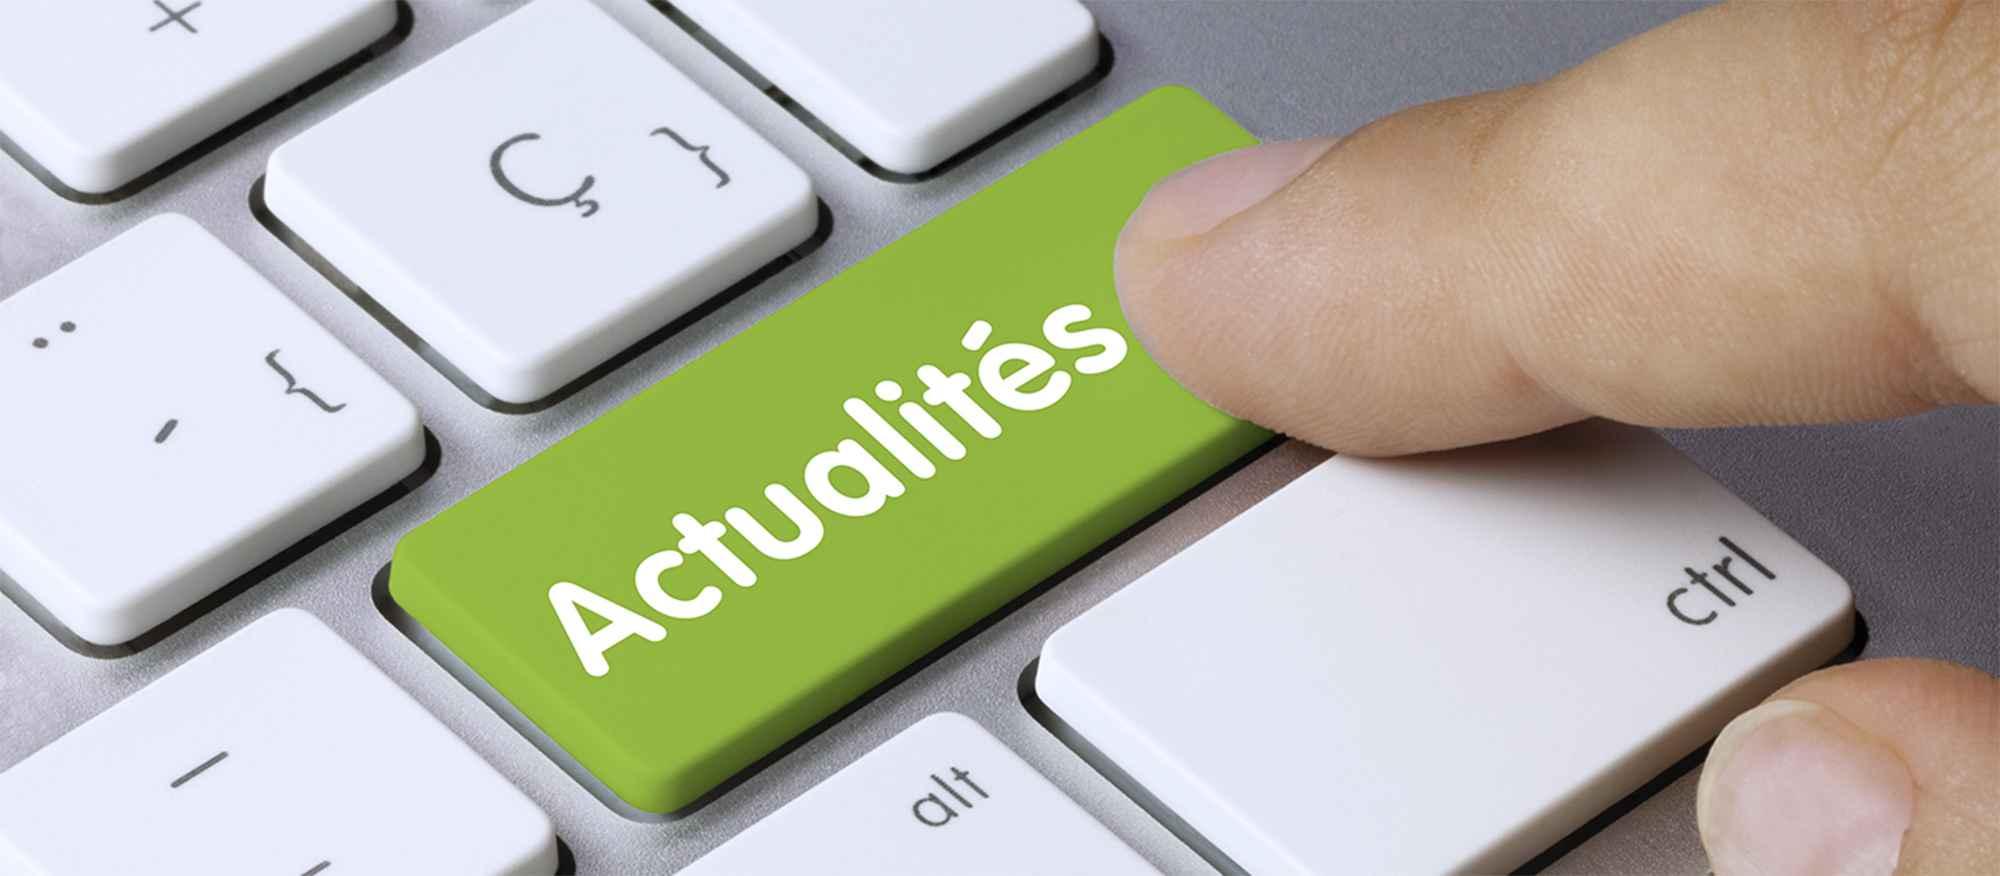 b_actus